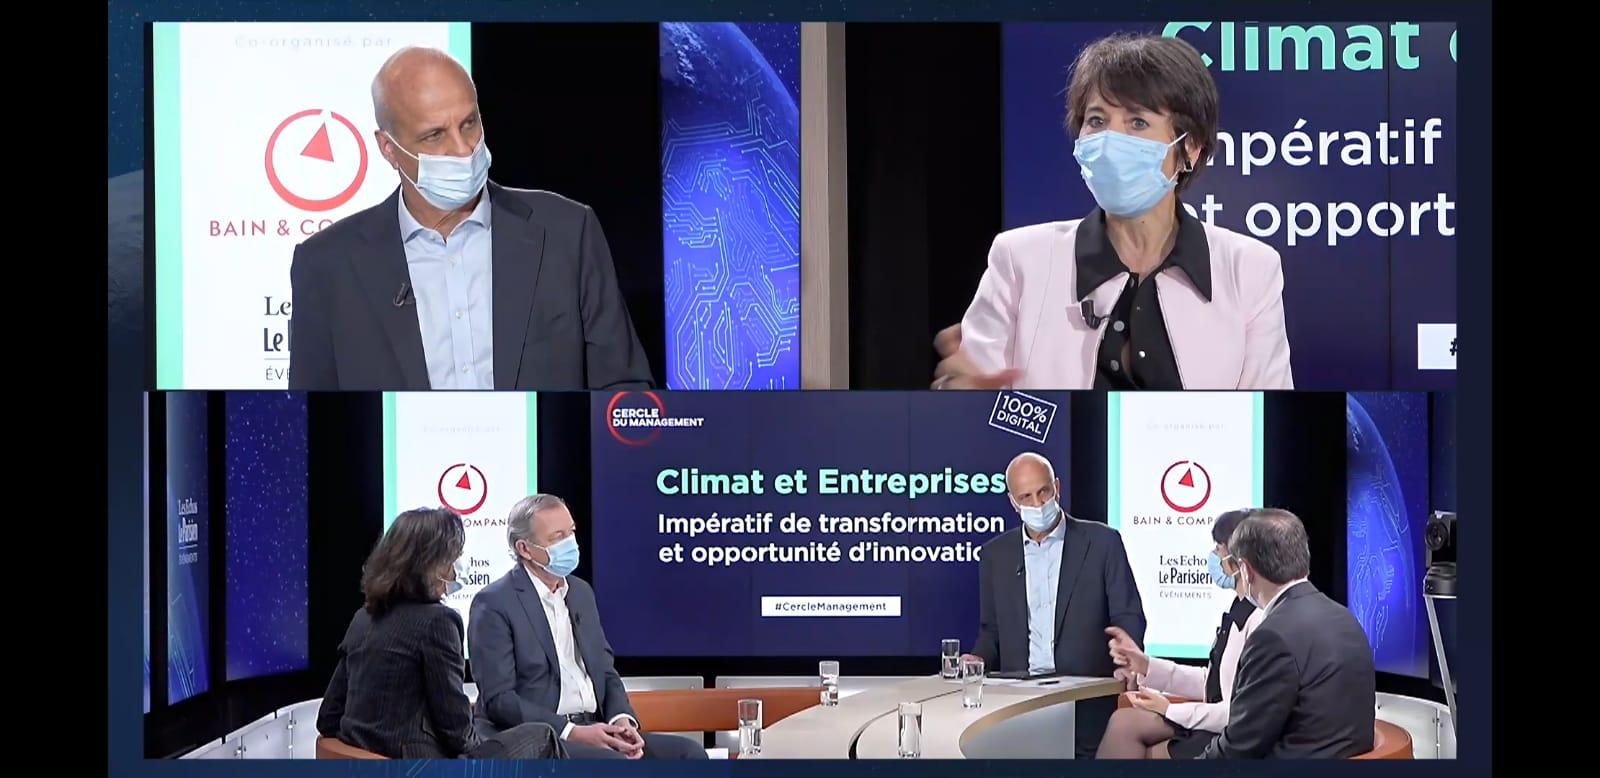 Christel Bories invitée du Cercle du management sur l'industrie et le climat